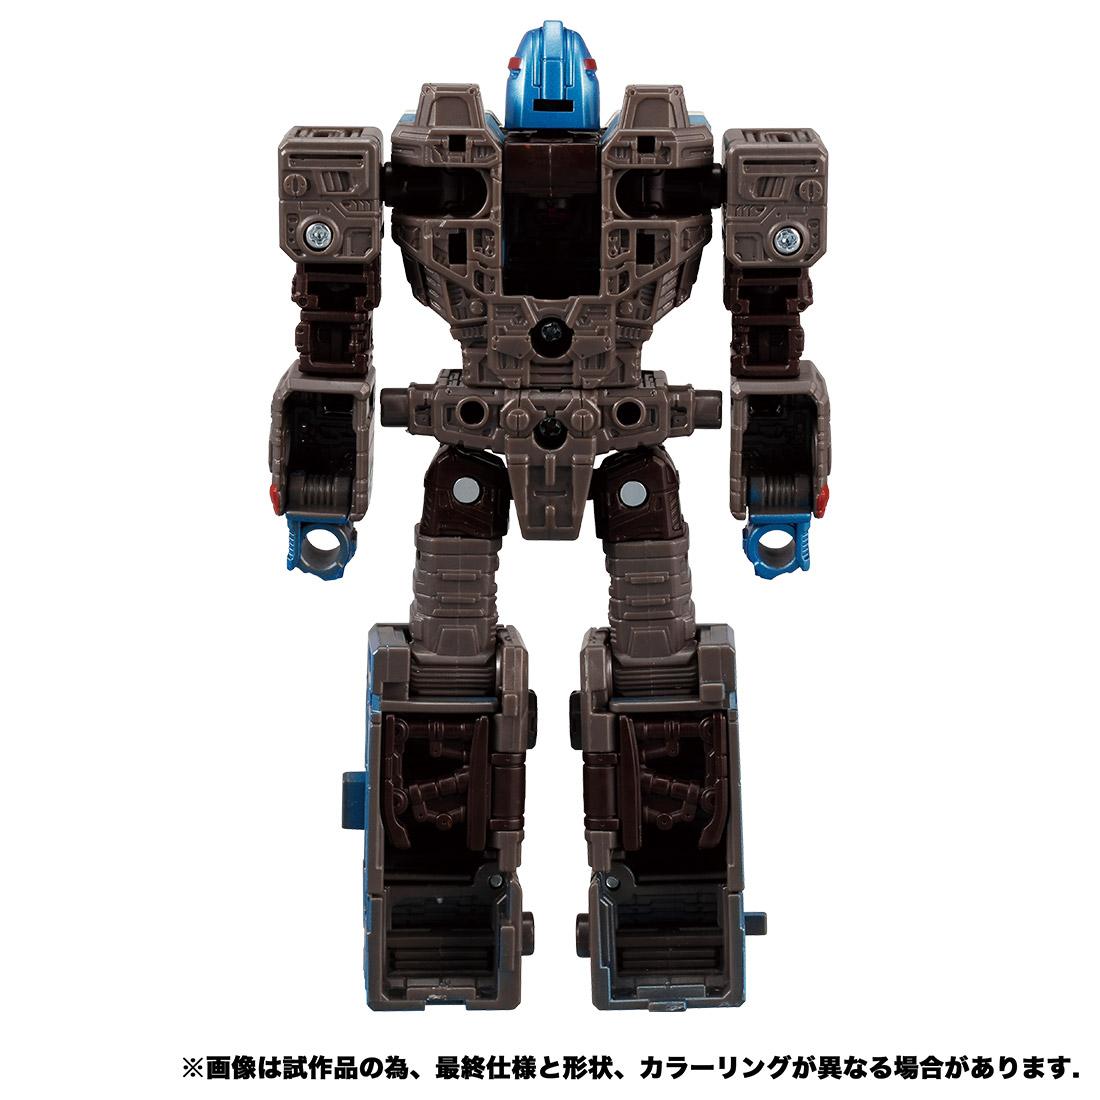 トランスフォーマー ウォーフォーサイバトロン『WFC-05 スクラップフェイス』可変可動フィギュア-005